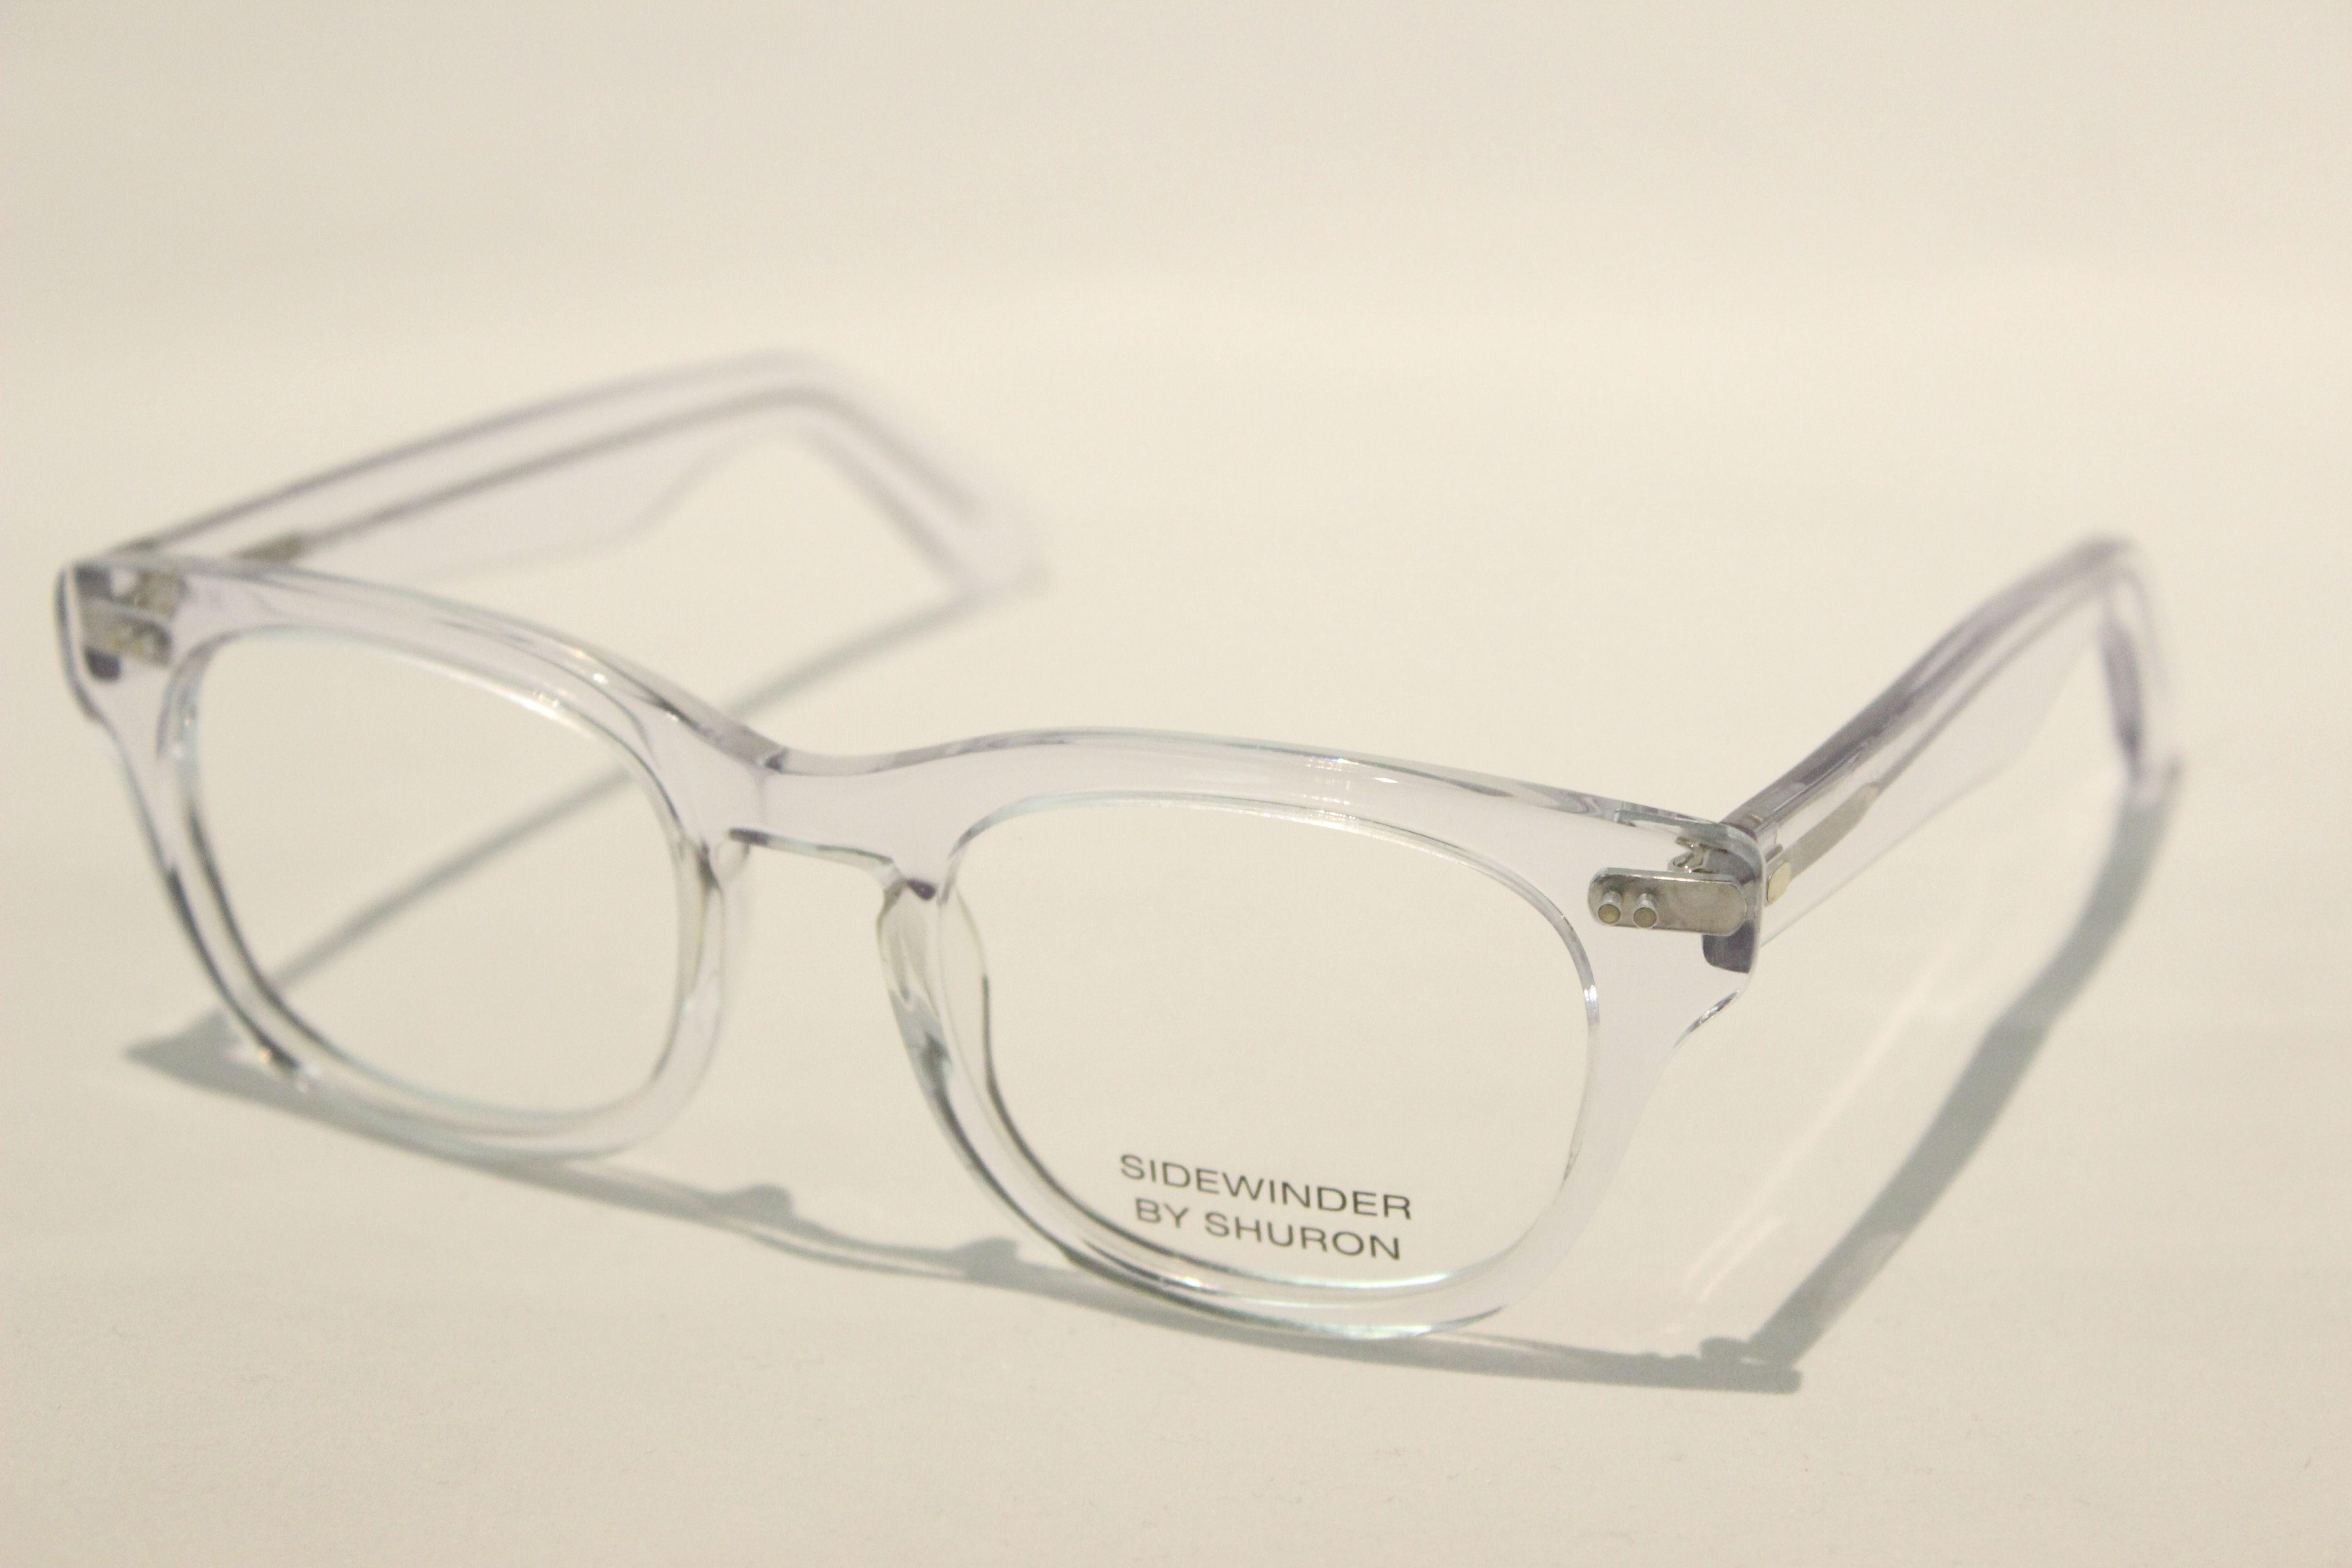 【送料無料】SHURON(シュロン) SIDEWINDER(Clear/Clear) UVカットレンズ付き